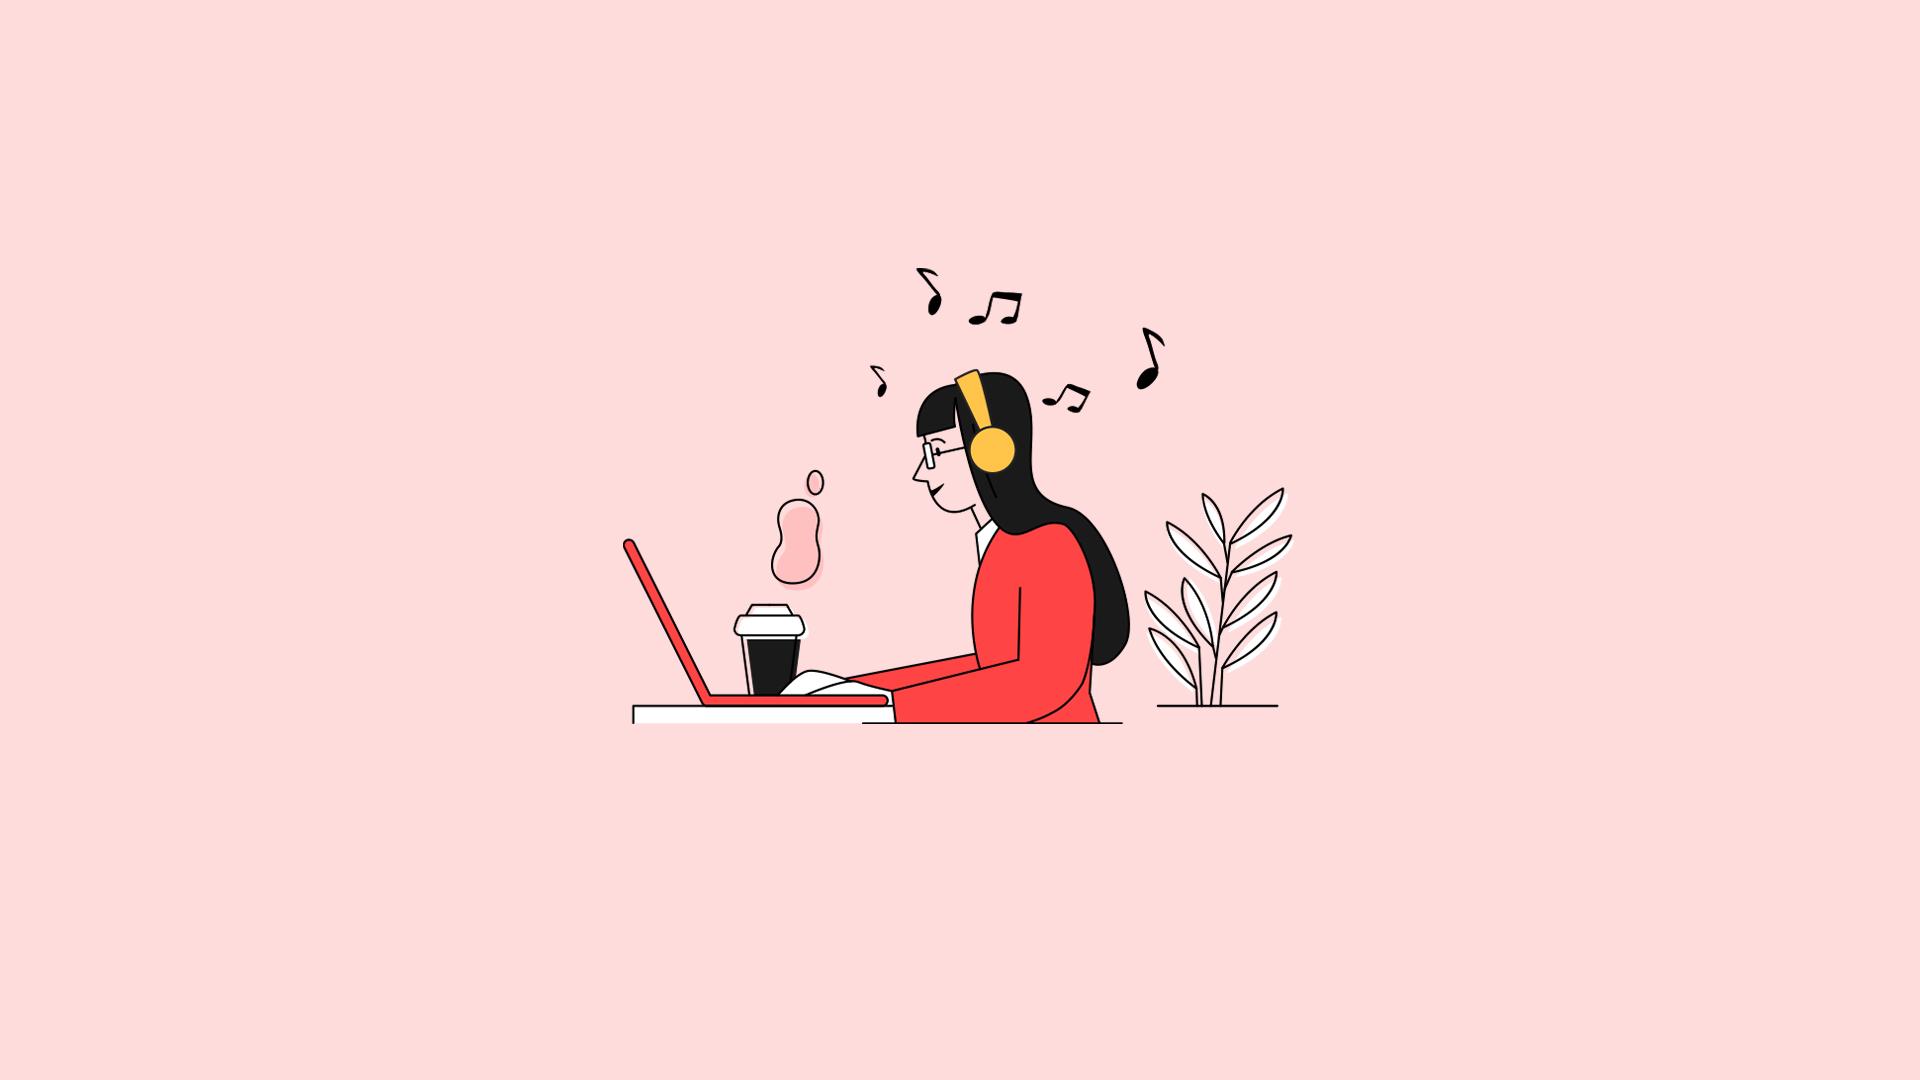 Müziğin Verimlilik ve Motivasyona Olumlu Etkileri